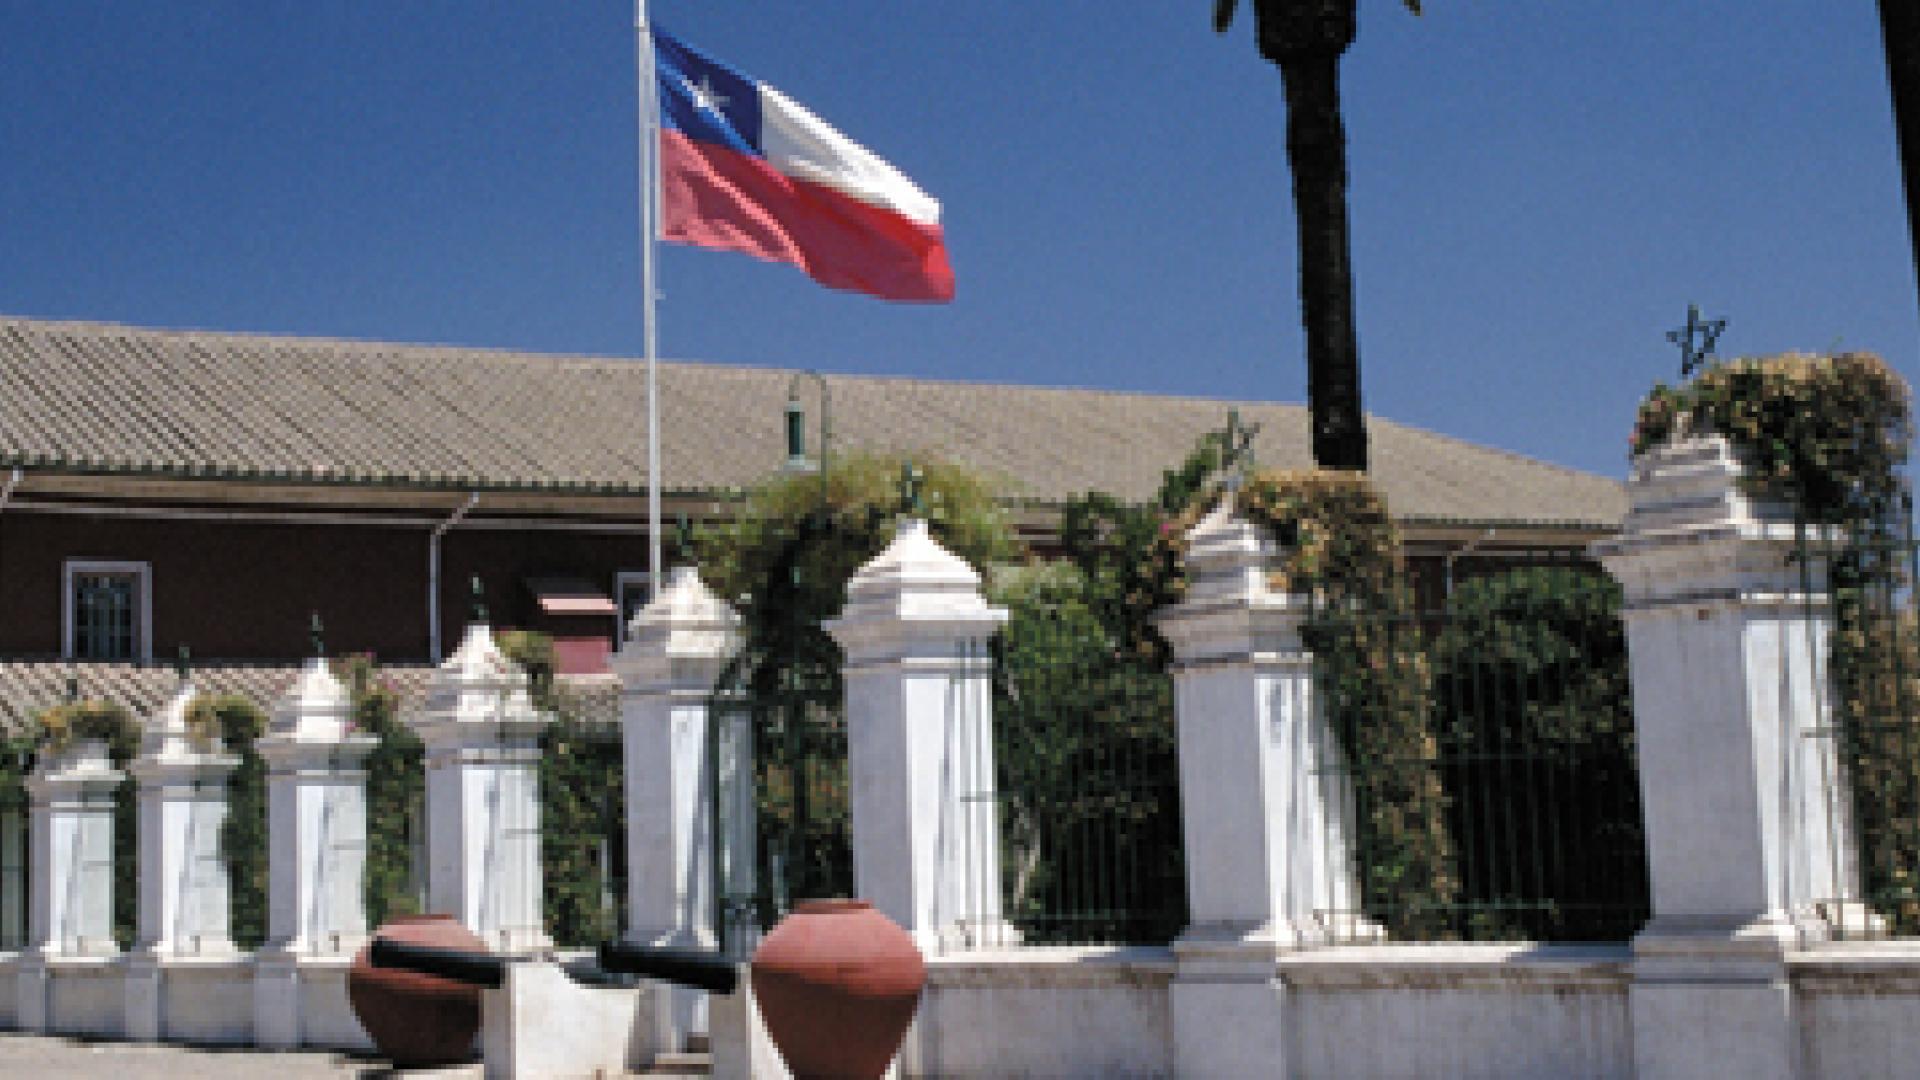 Imagen de Casas de la Hacienda de San José del Carmen El Huique